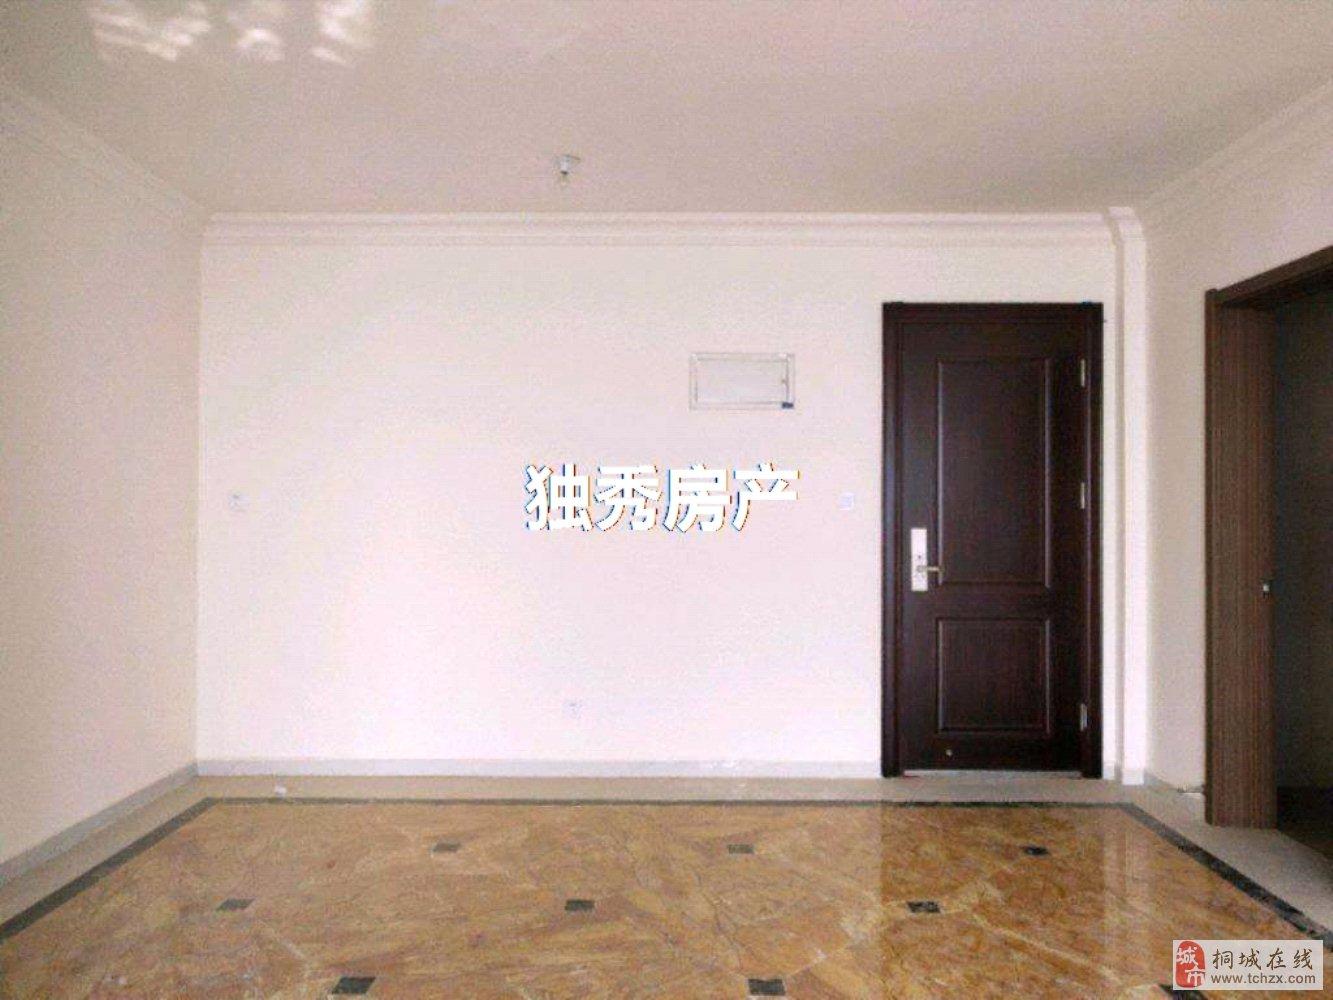 出售碧桂园现房3室2厅1卫精装70万元